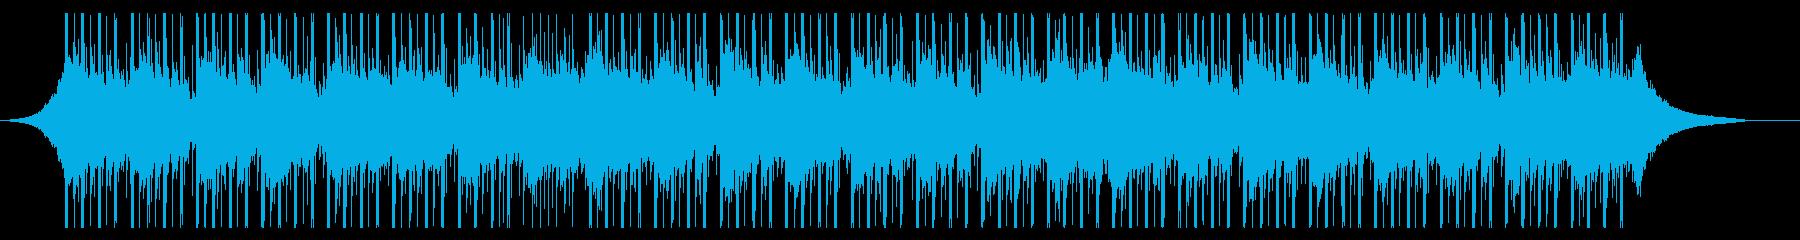 刺激的なインタビュー(60秒)の再生済みの波形